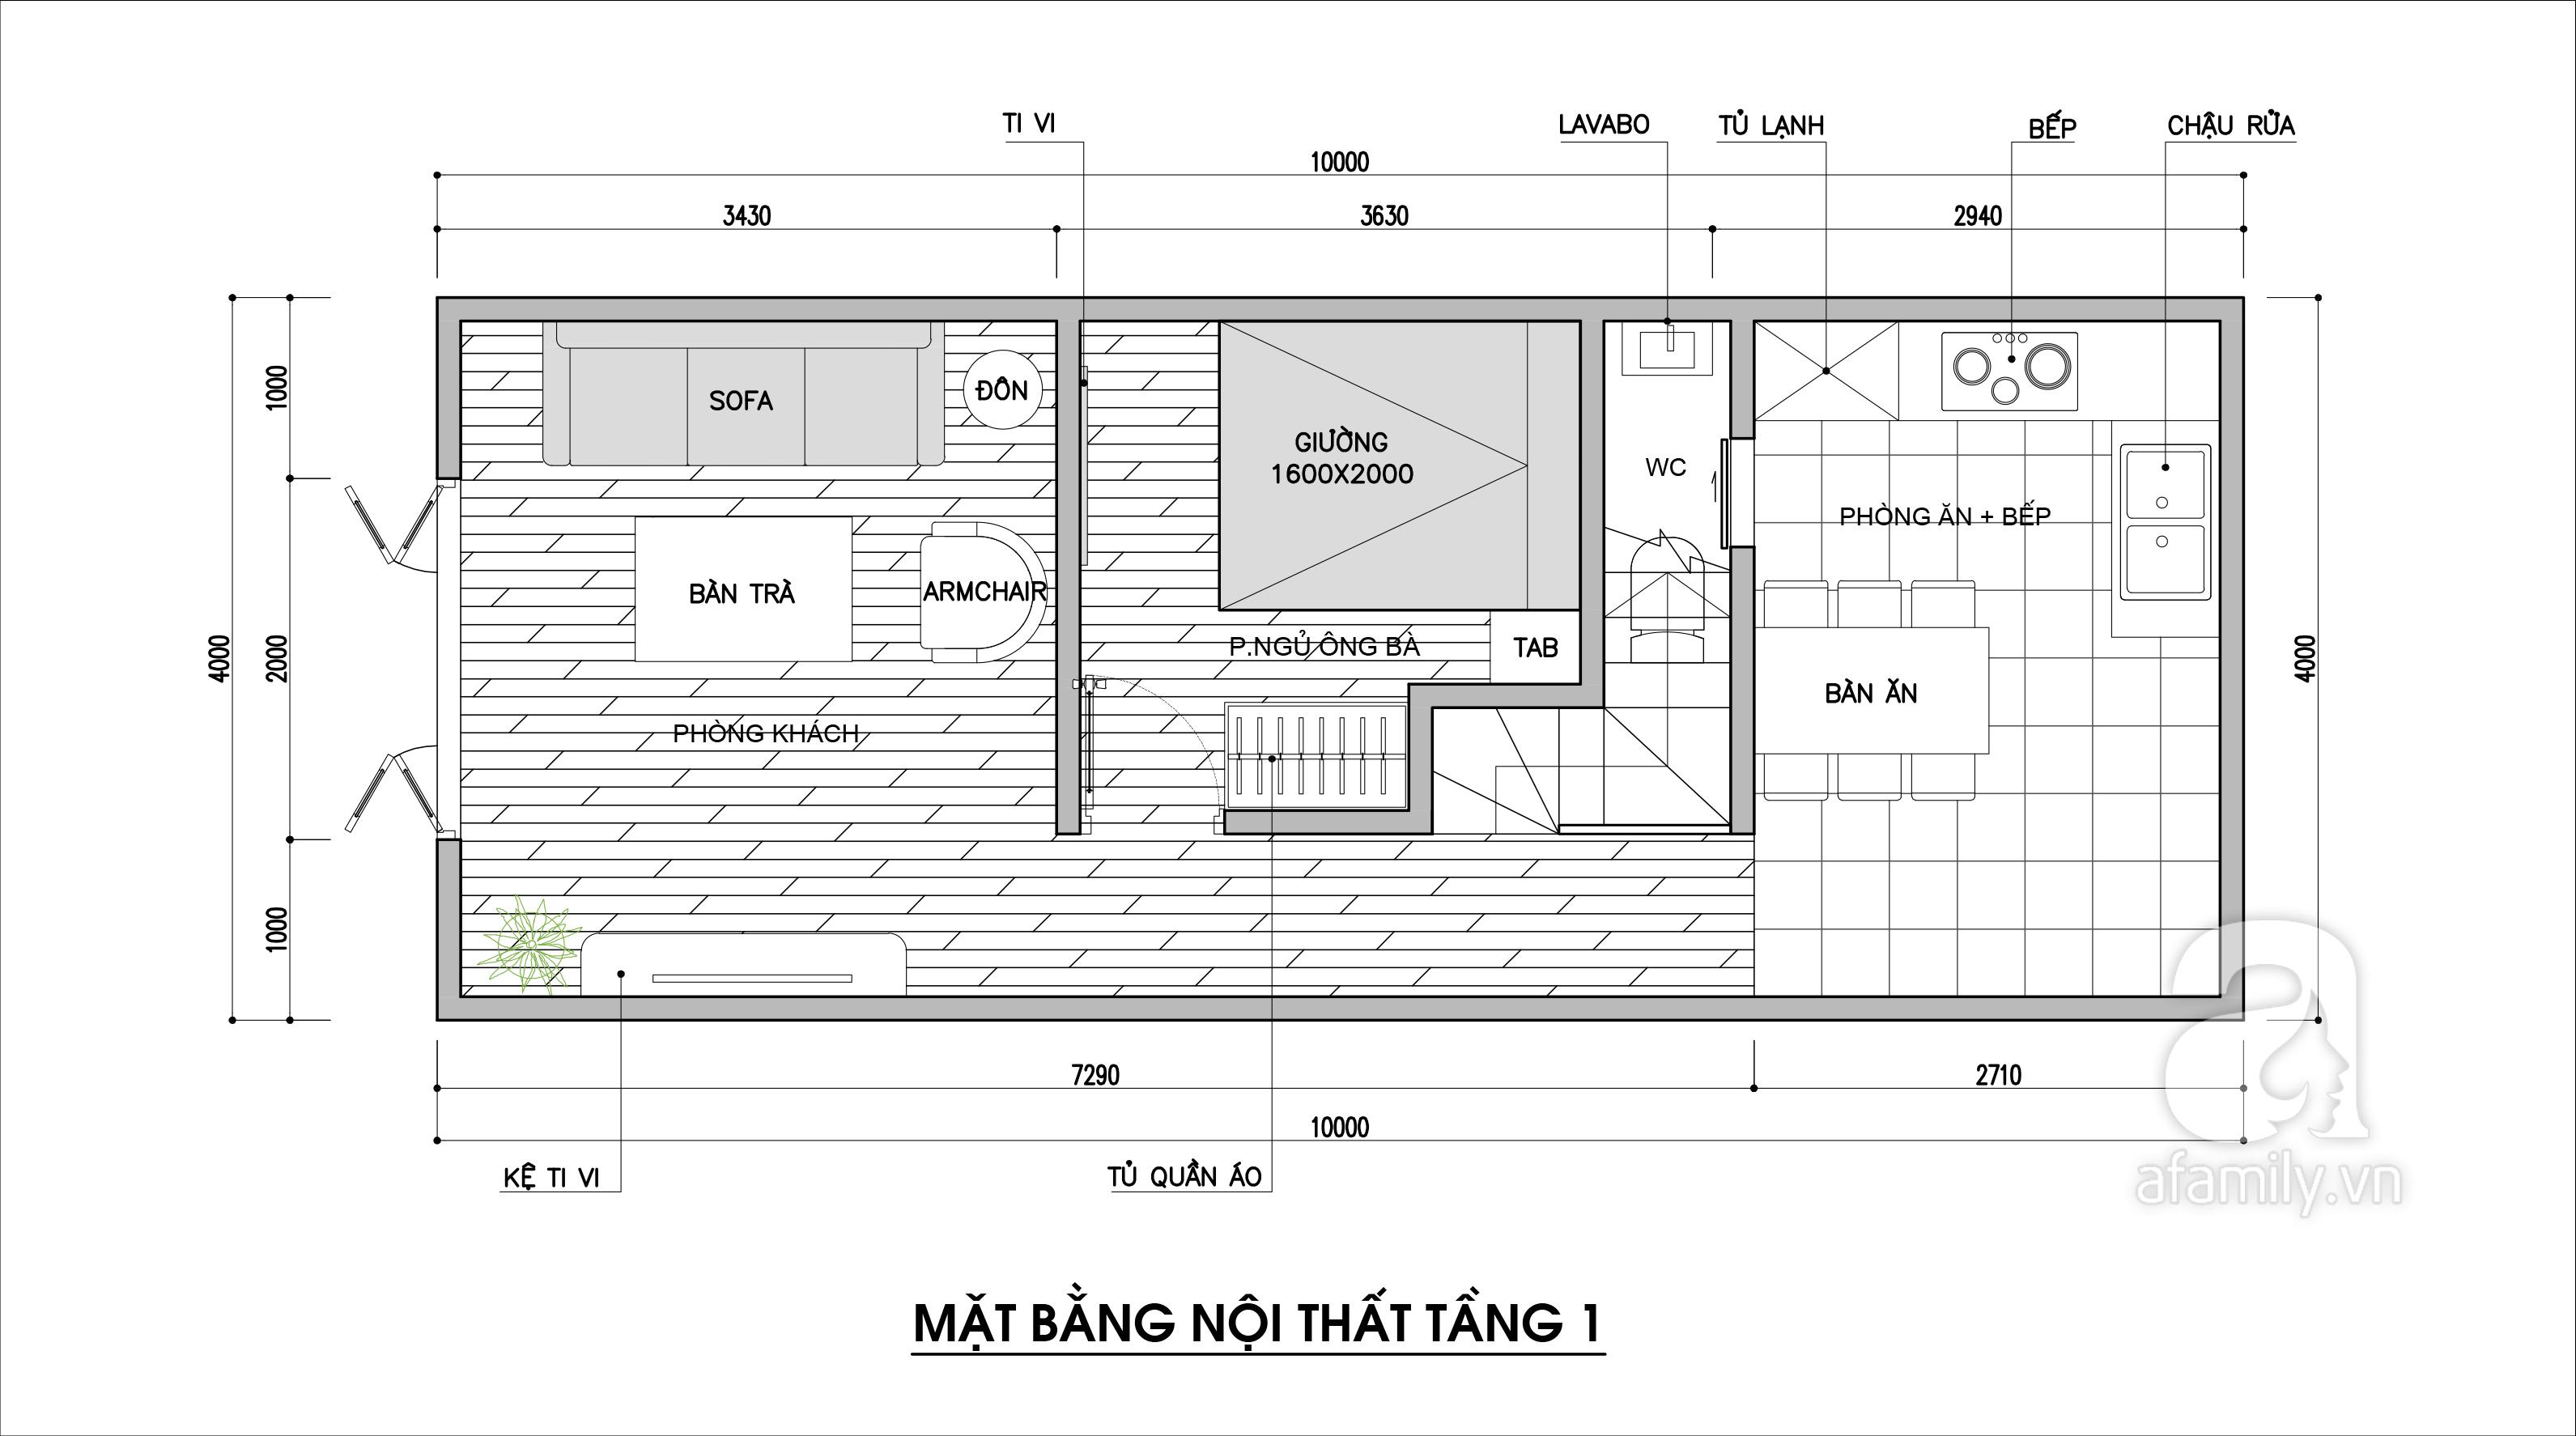 Tư vấn thiết kế cho nhà phố cấp 4 có diện tích nhỏ chỉ 4x10m với chi phí 90 triệu đồng - Ảnh 2.